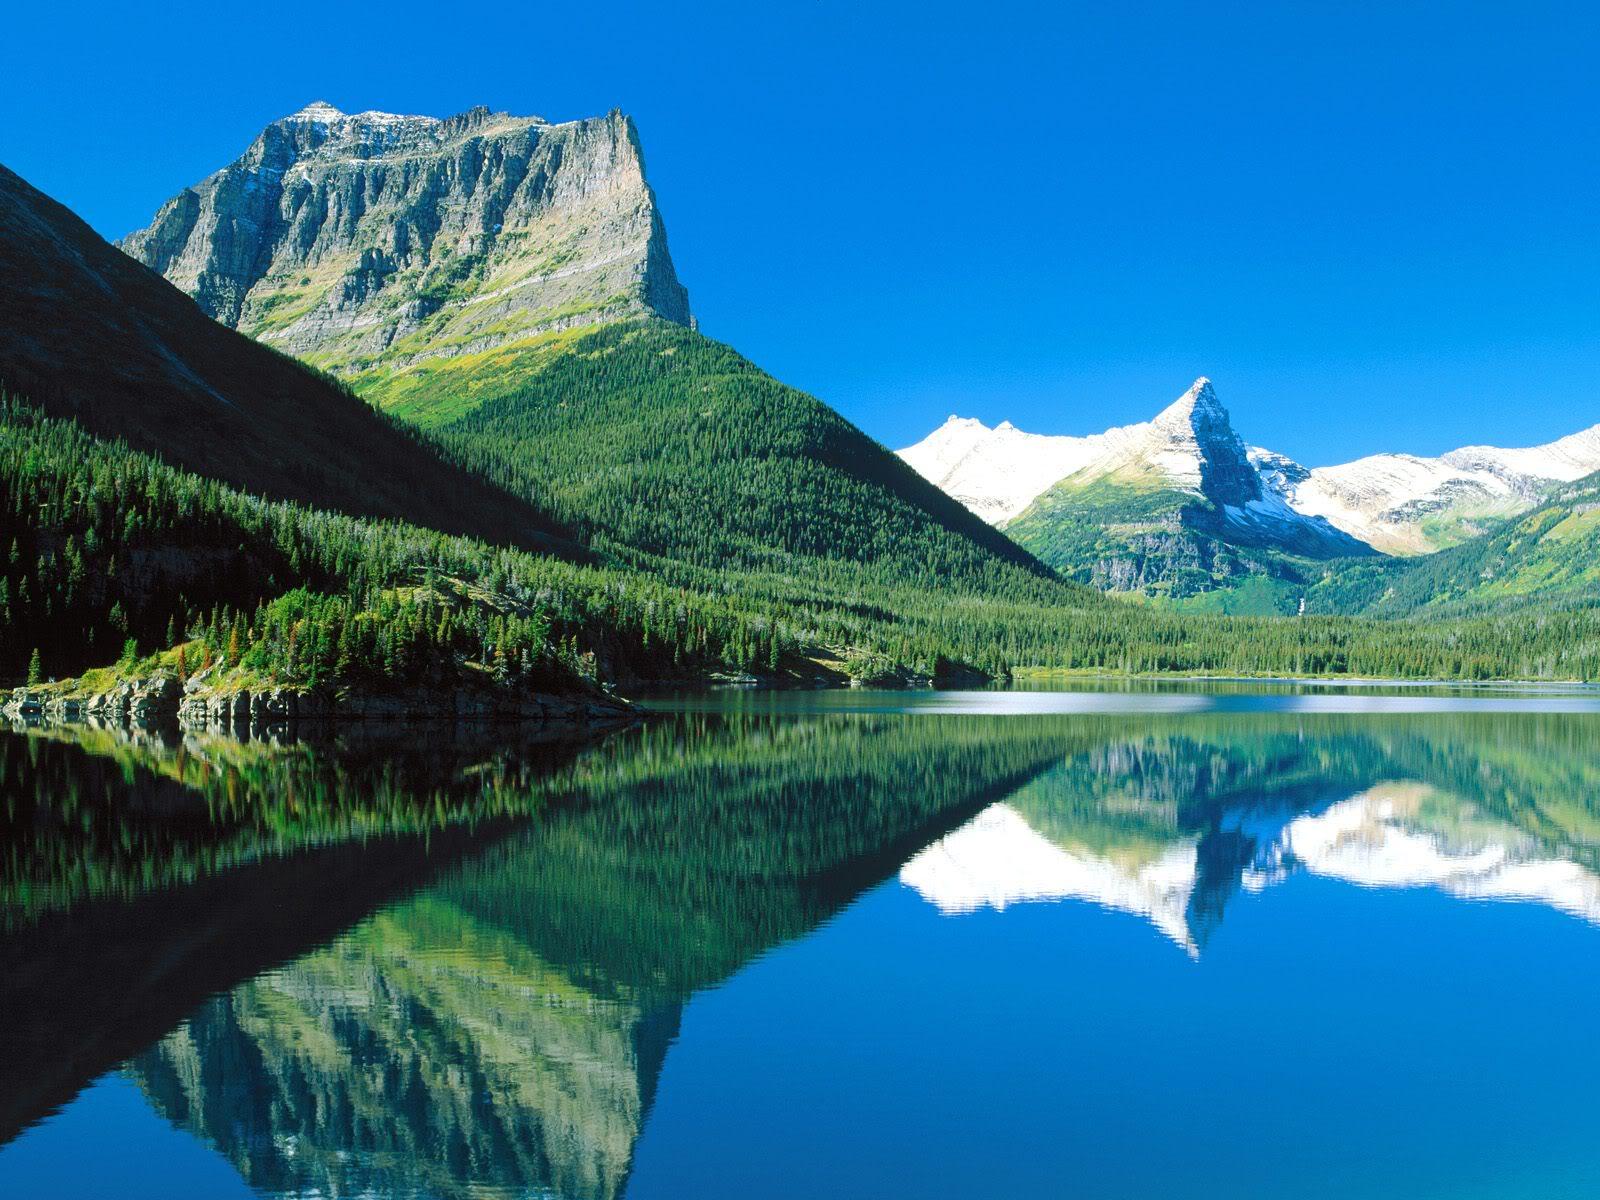 நான் ரசித்த இயற்கை காட்சில் சில உங்களுக்காக....2 - Page 2 MountainsMirroredSt